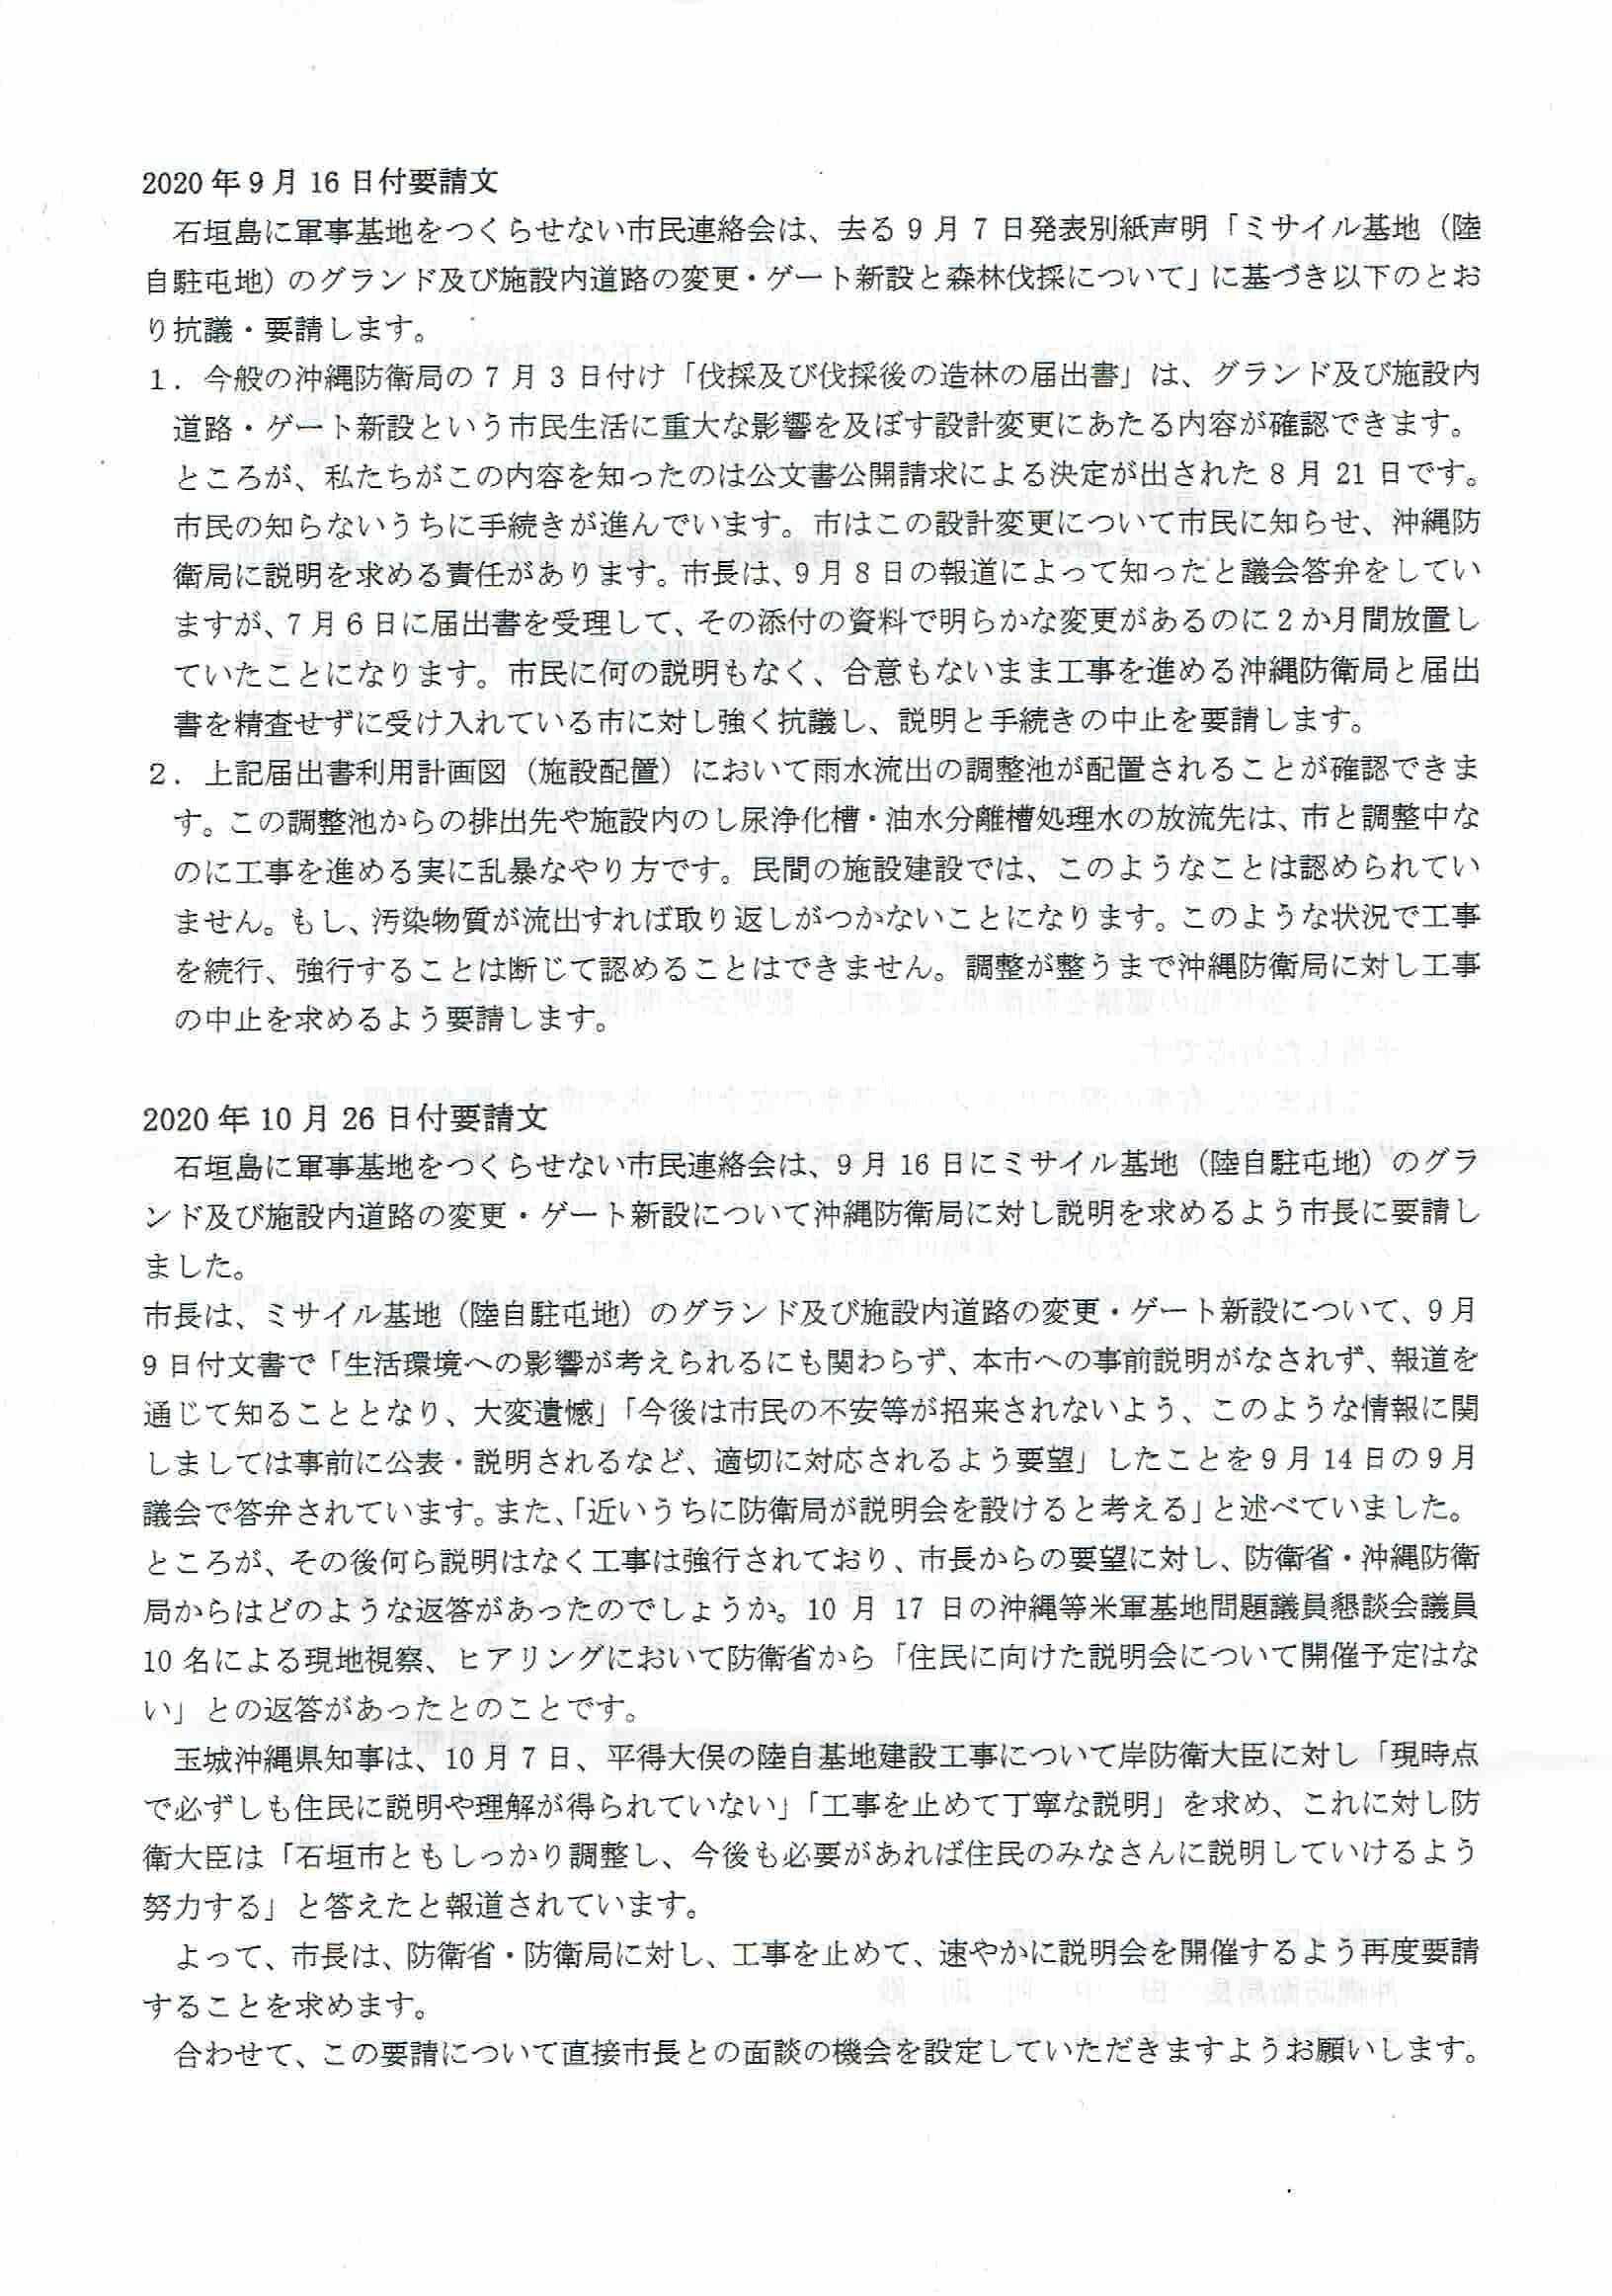 2020 1104 市民連絡会要請文02